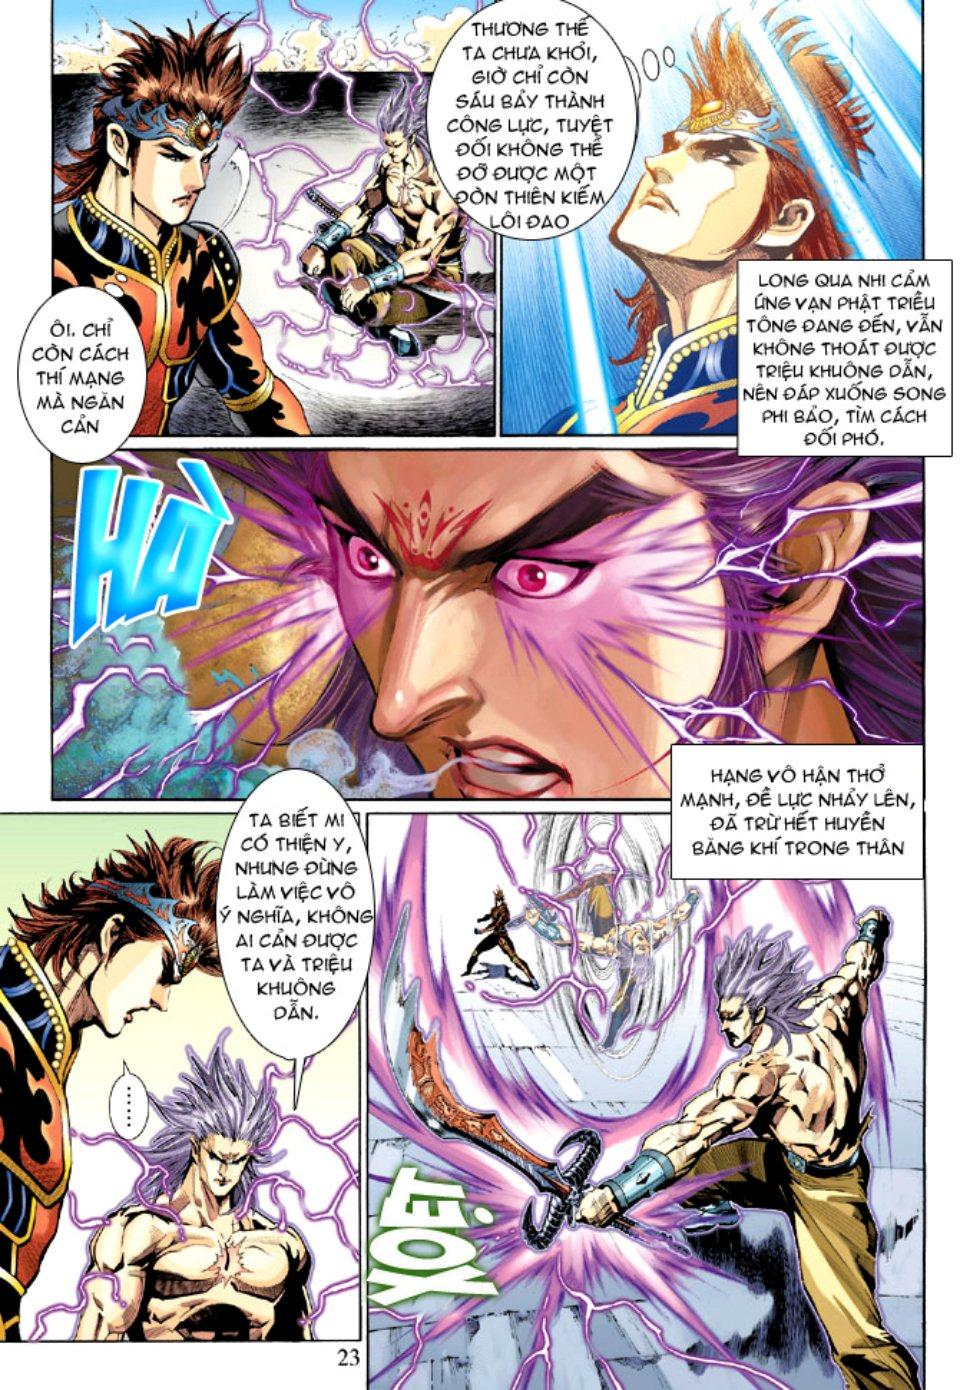 Thiên Tử Truyền Kỳ 5 - Như Lai Thần Chưởng chap 212 - Trang 23